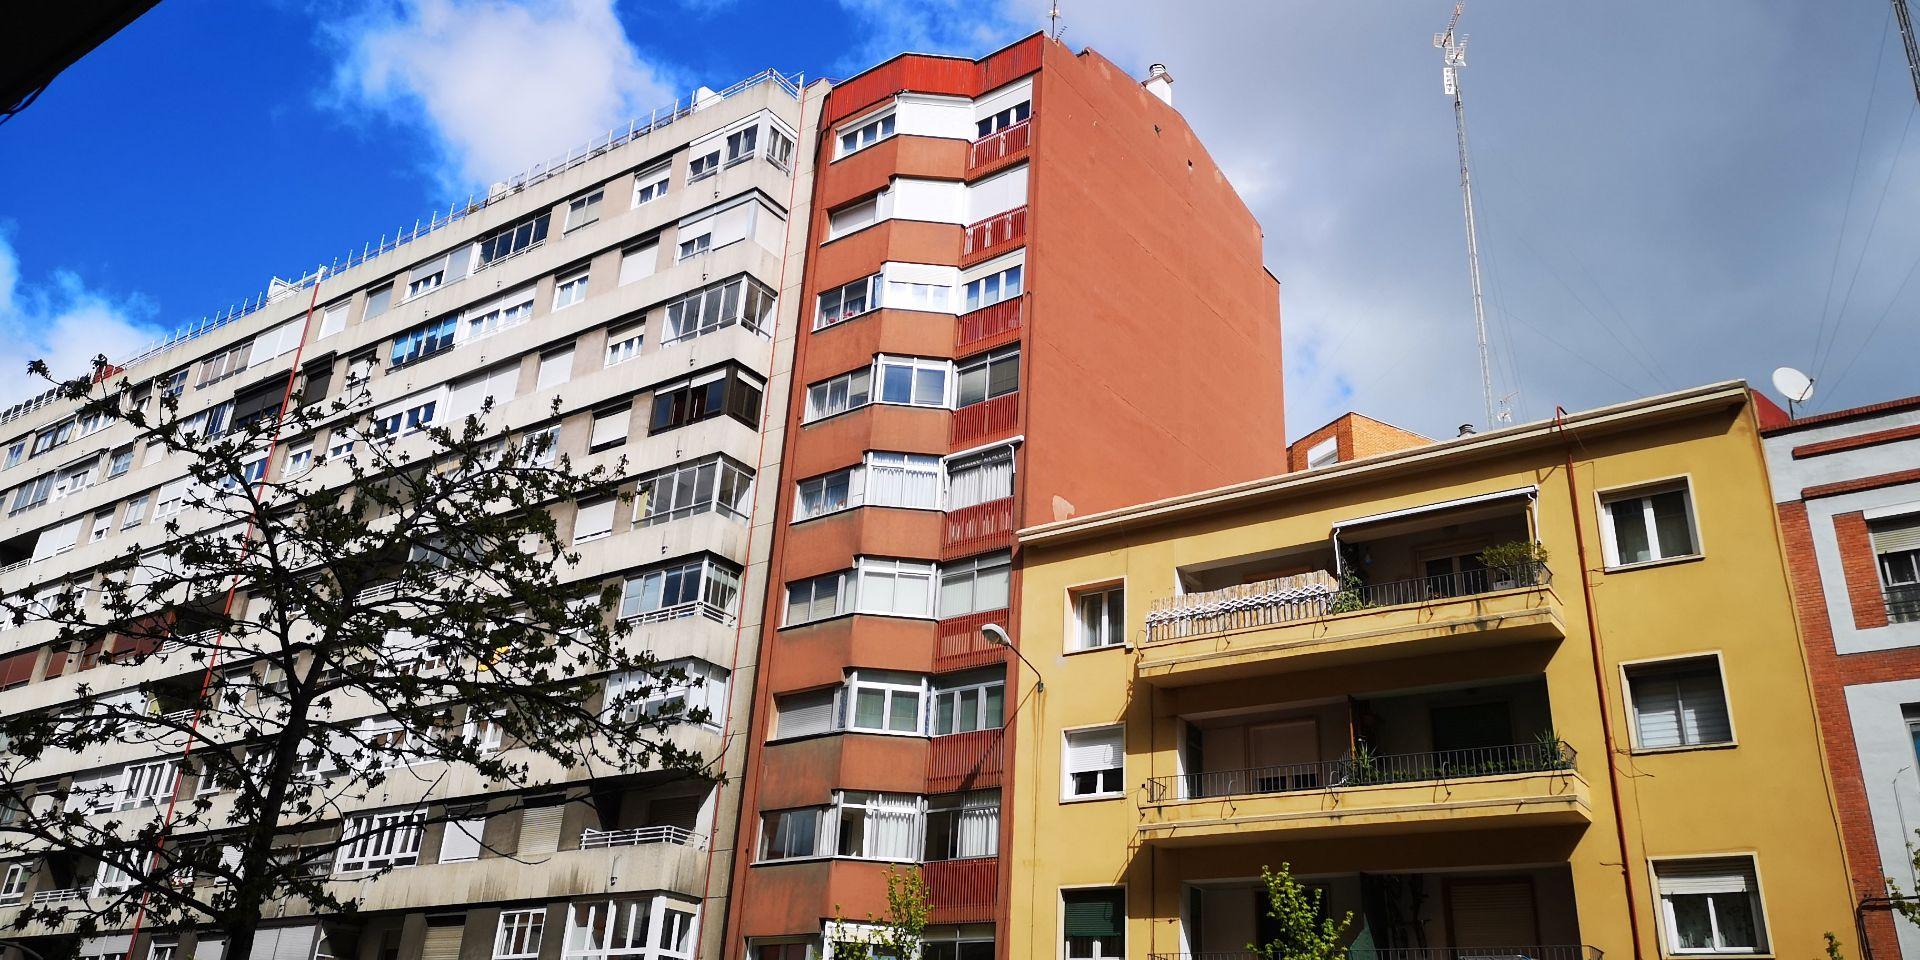 Wohnung in Valladolid, puente colgante, miete